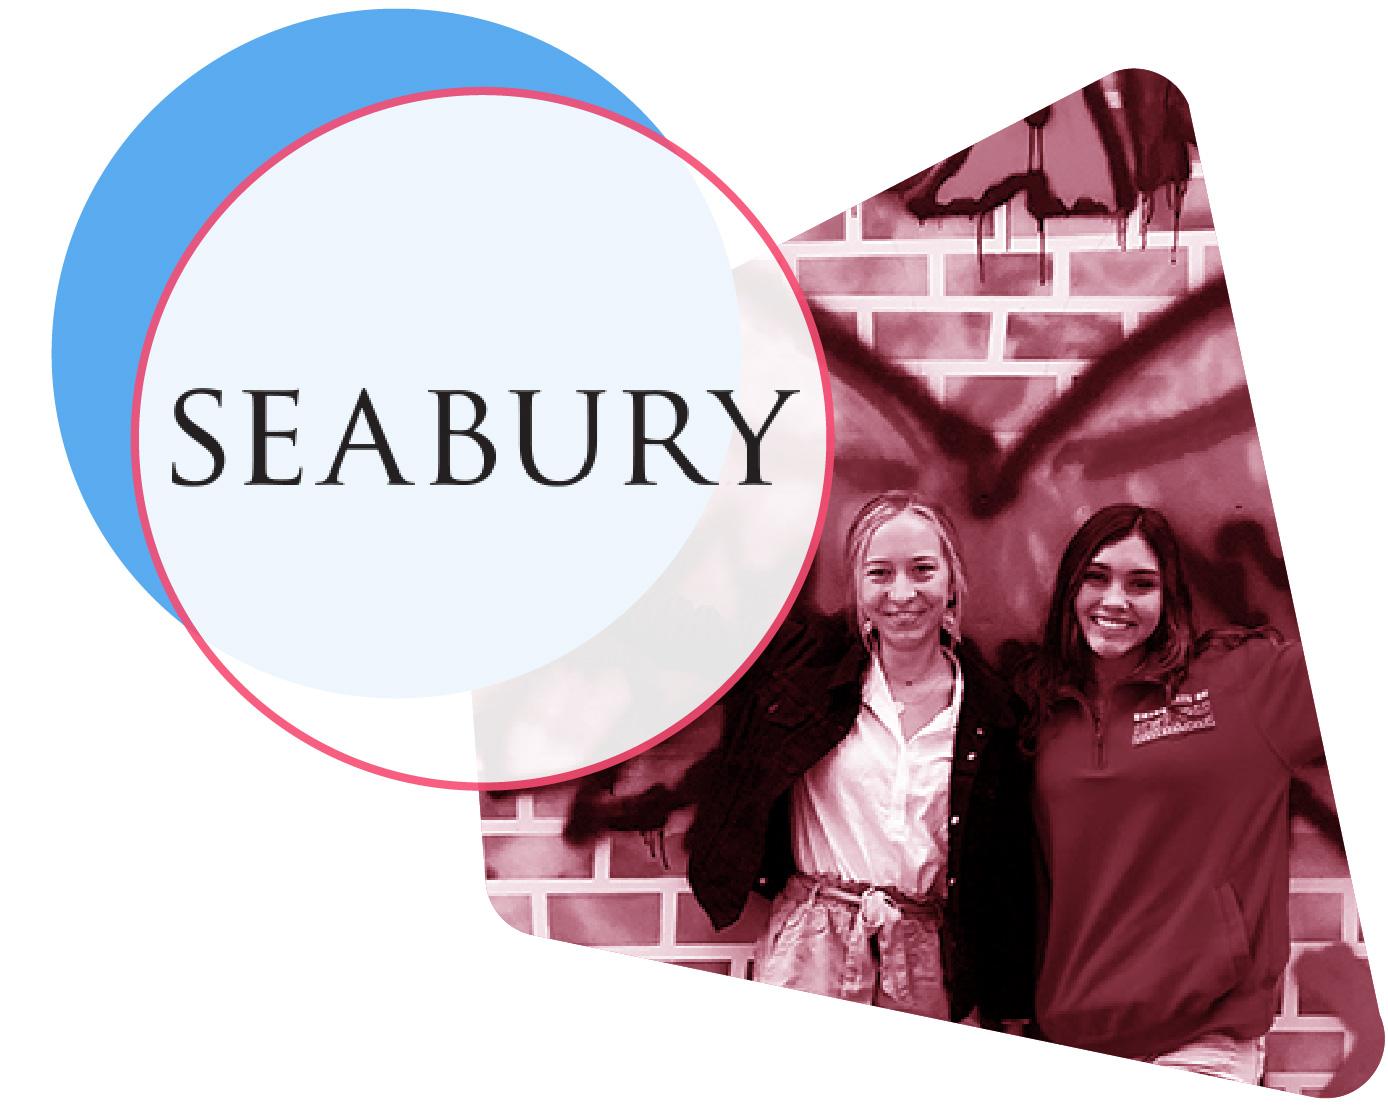 Seabury Academy logo and student image